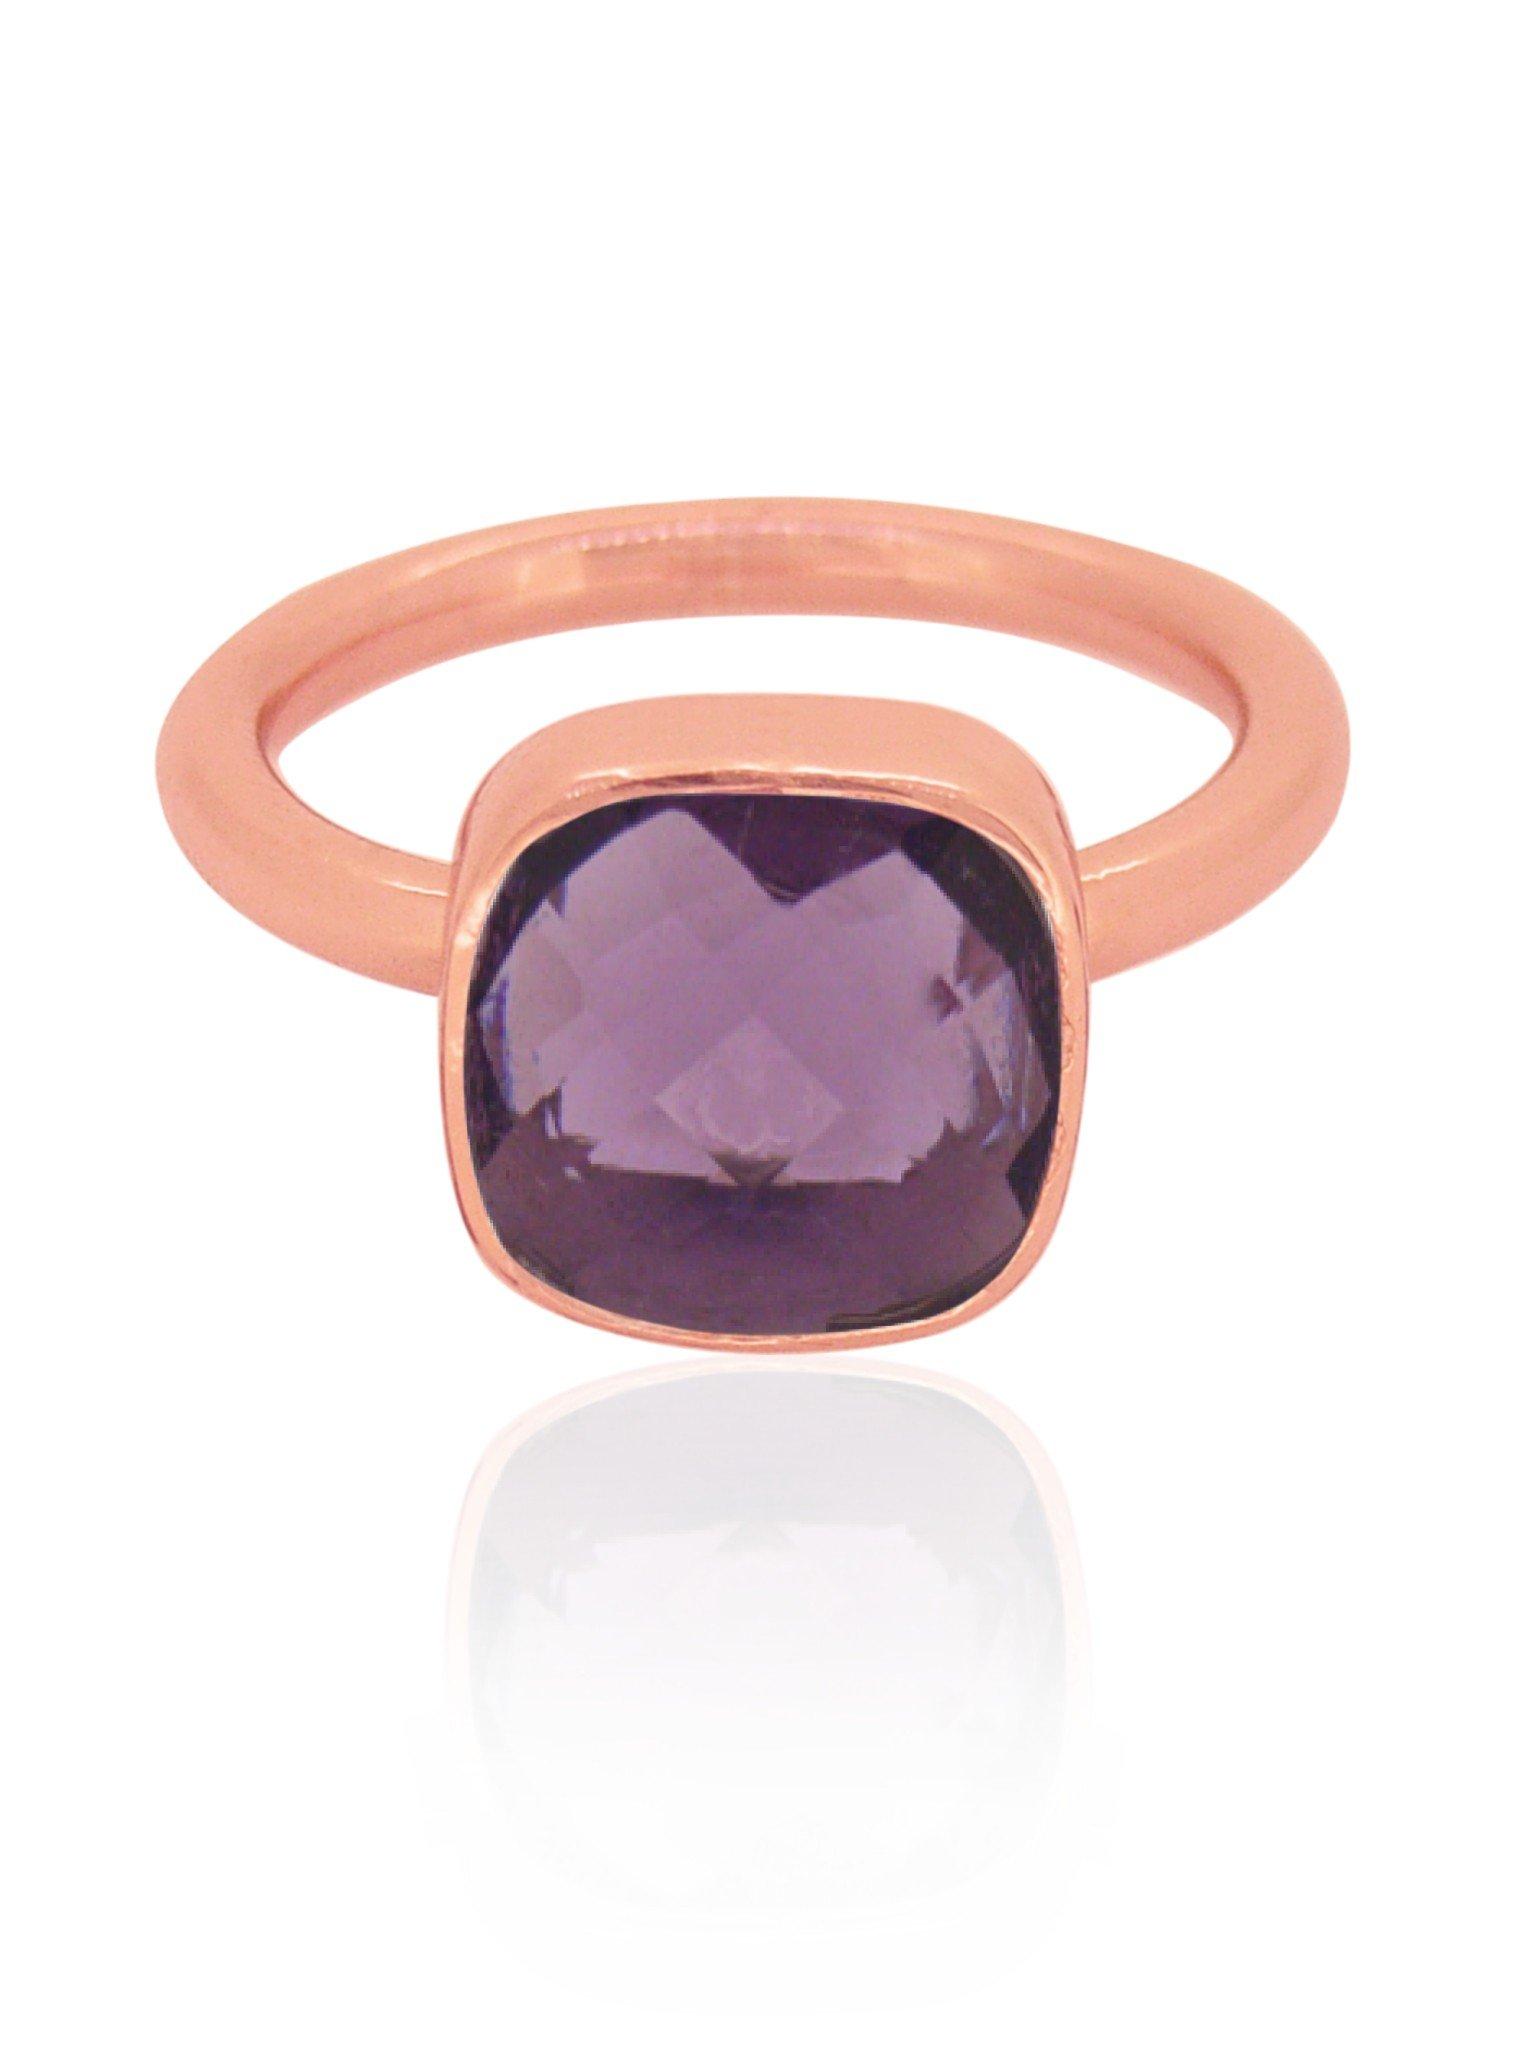 Indie Amethyst Gemstone Ring in Rose Gold